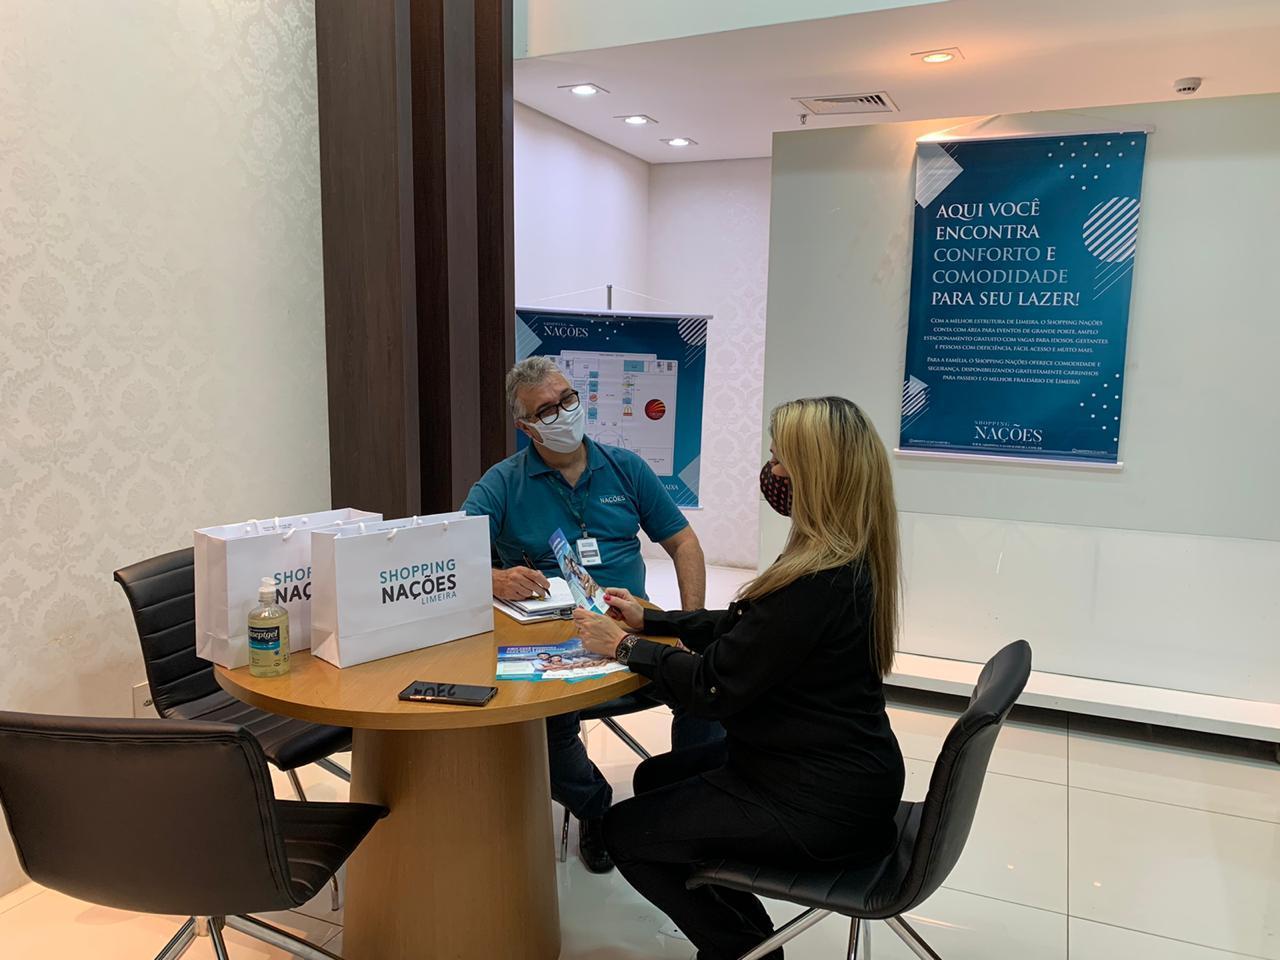 Shopping Nações em Limeira lança espaço voltado a investidores